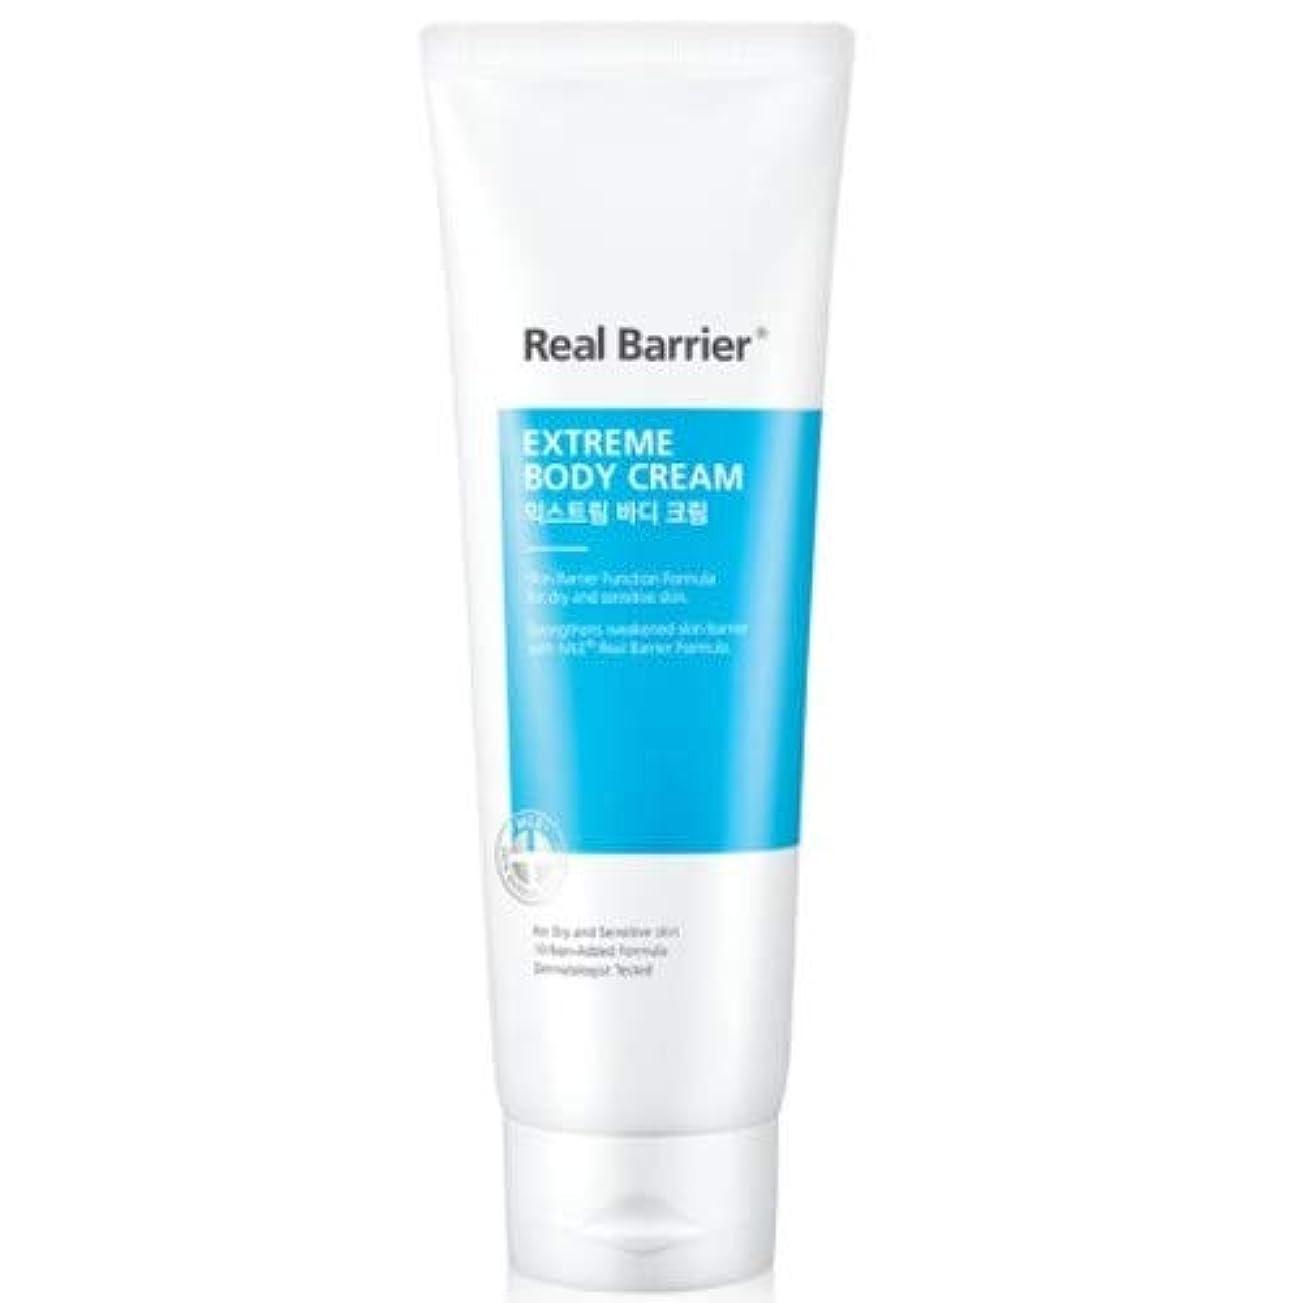 ジュラシックパーク秘書圧縮されたATOPALM Real Barrier?エクストリームボディークリーム250g / ATOPALM Real Barrier Extreme Body Cream [並行輸入品]